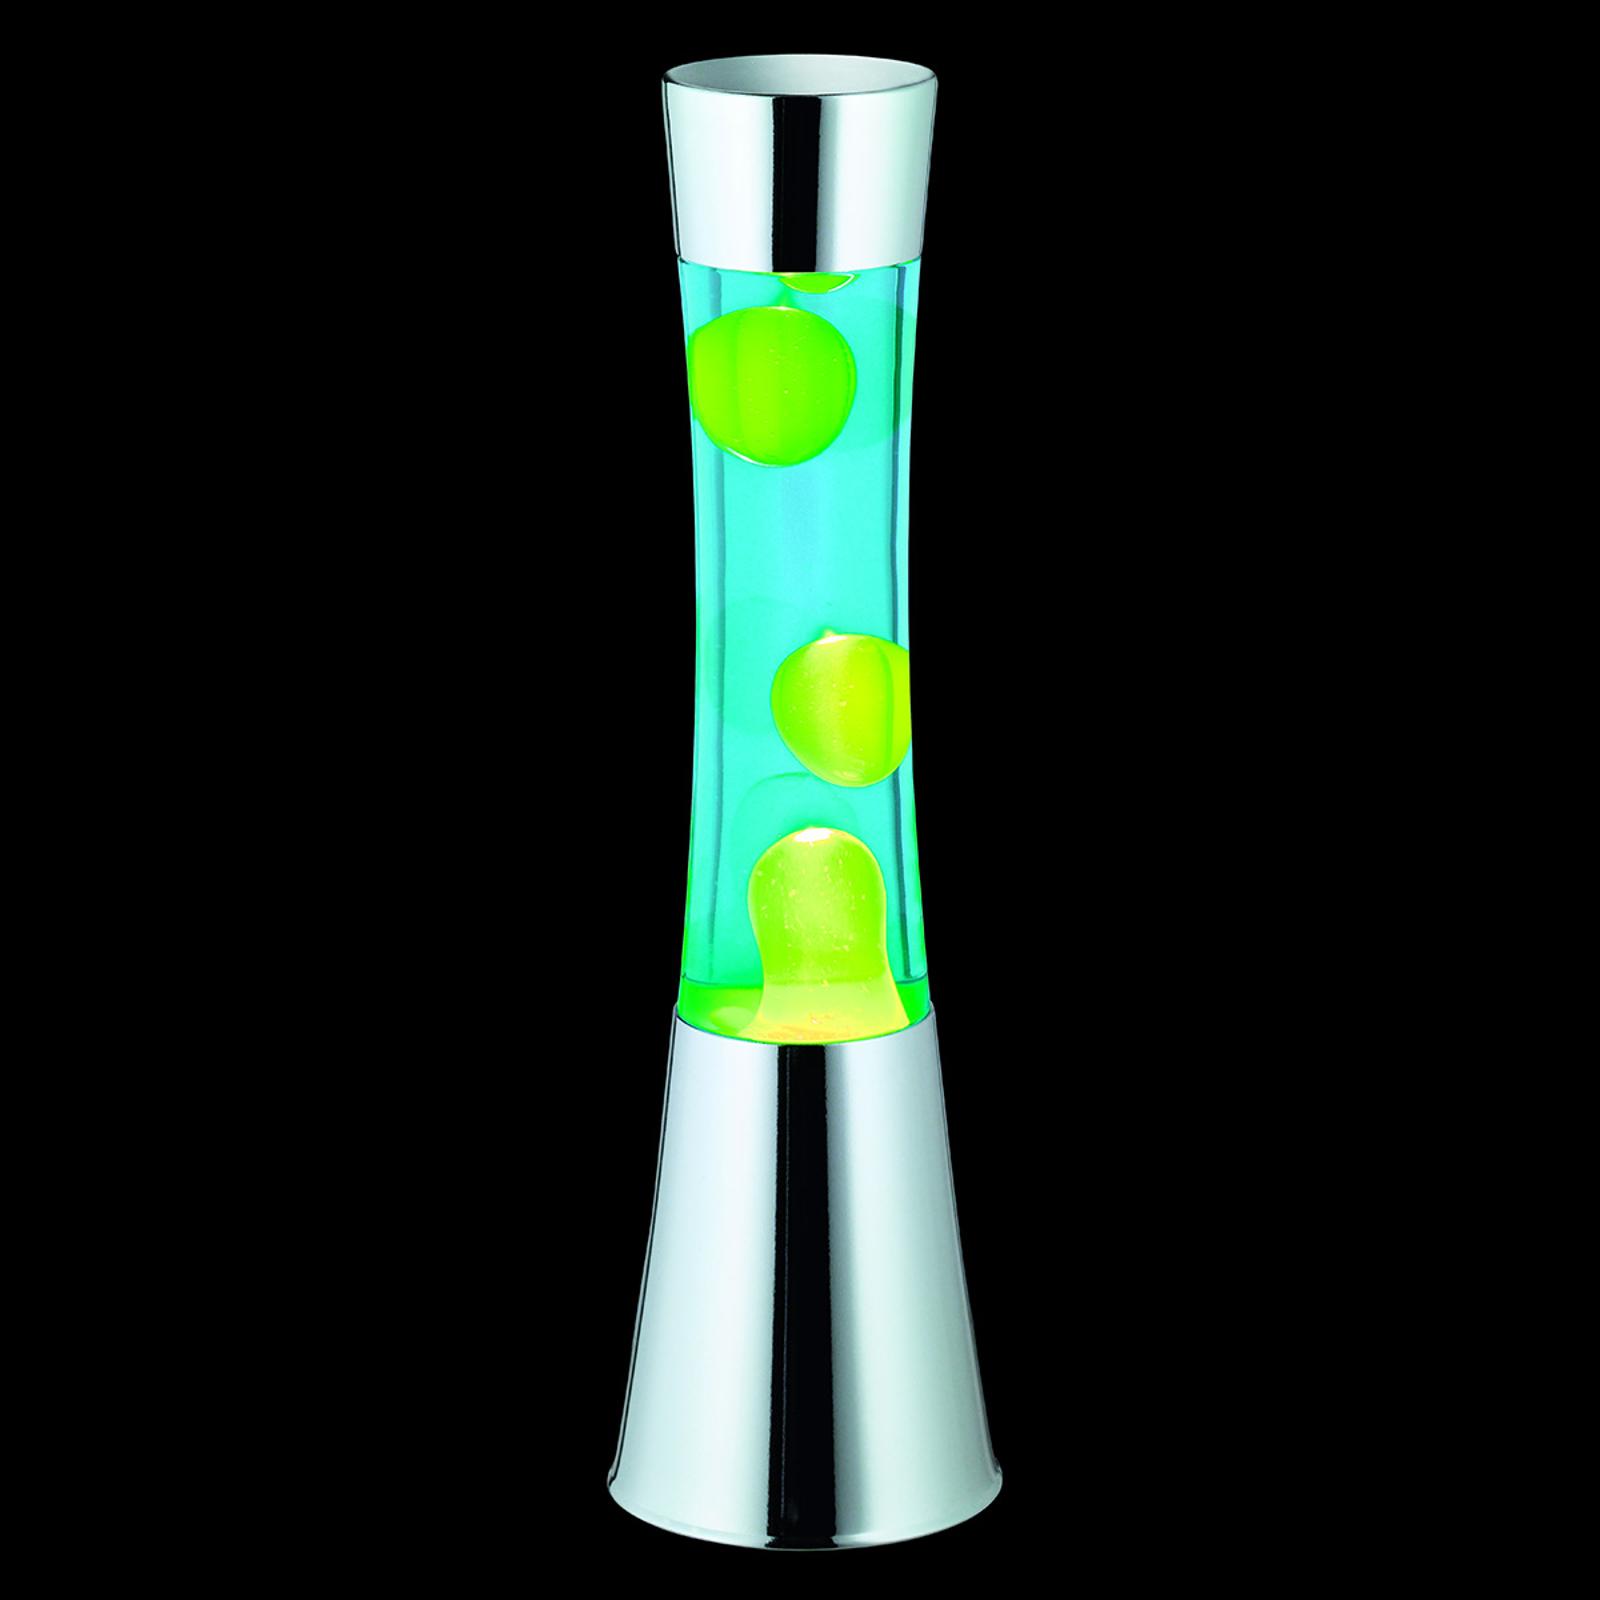 Lávová lampa Jarva chrom, zelená láva